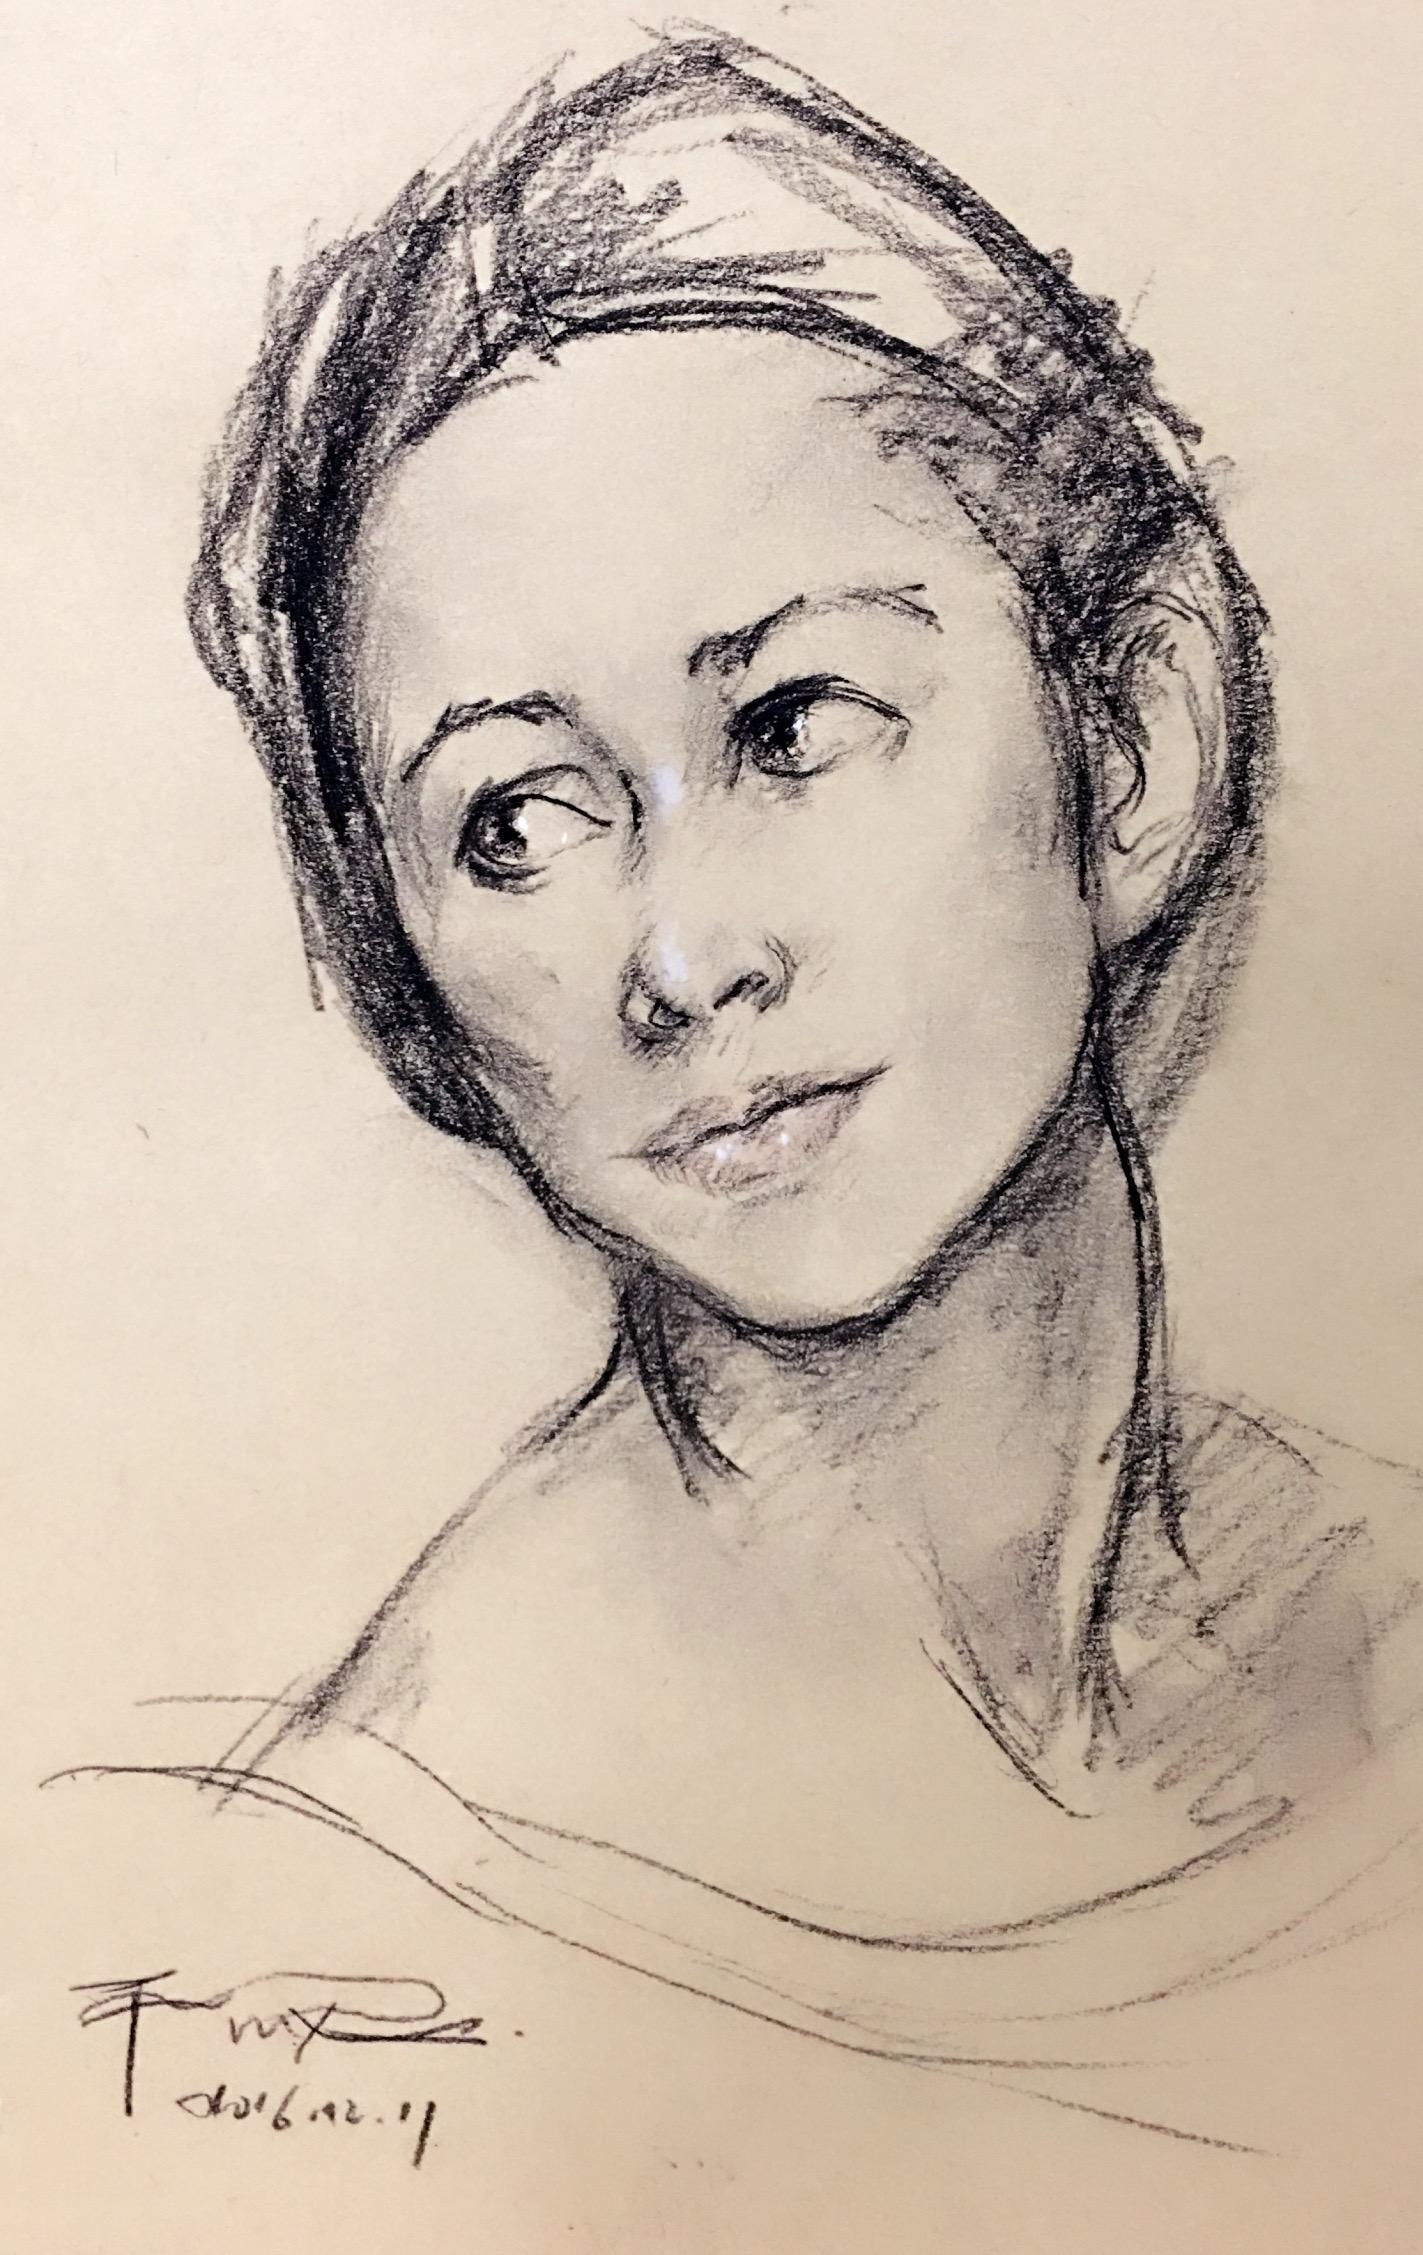 人物肖像素描图片